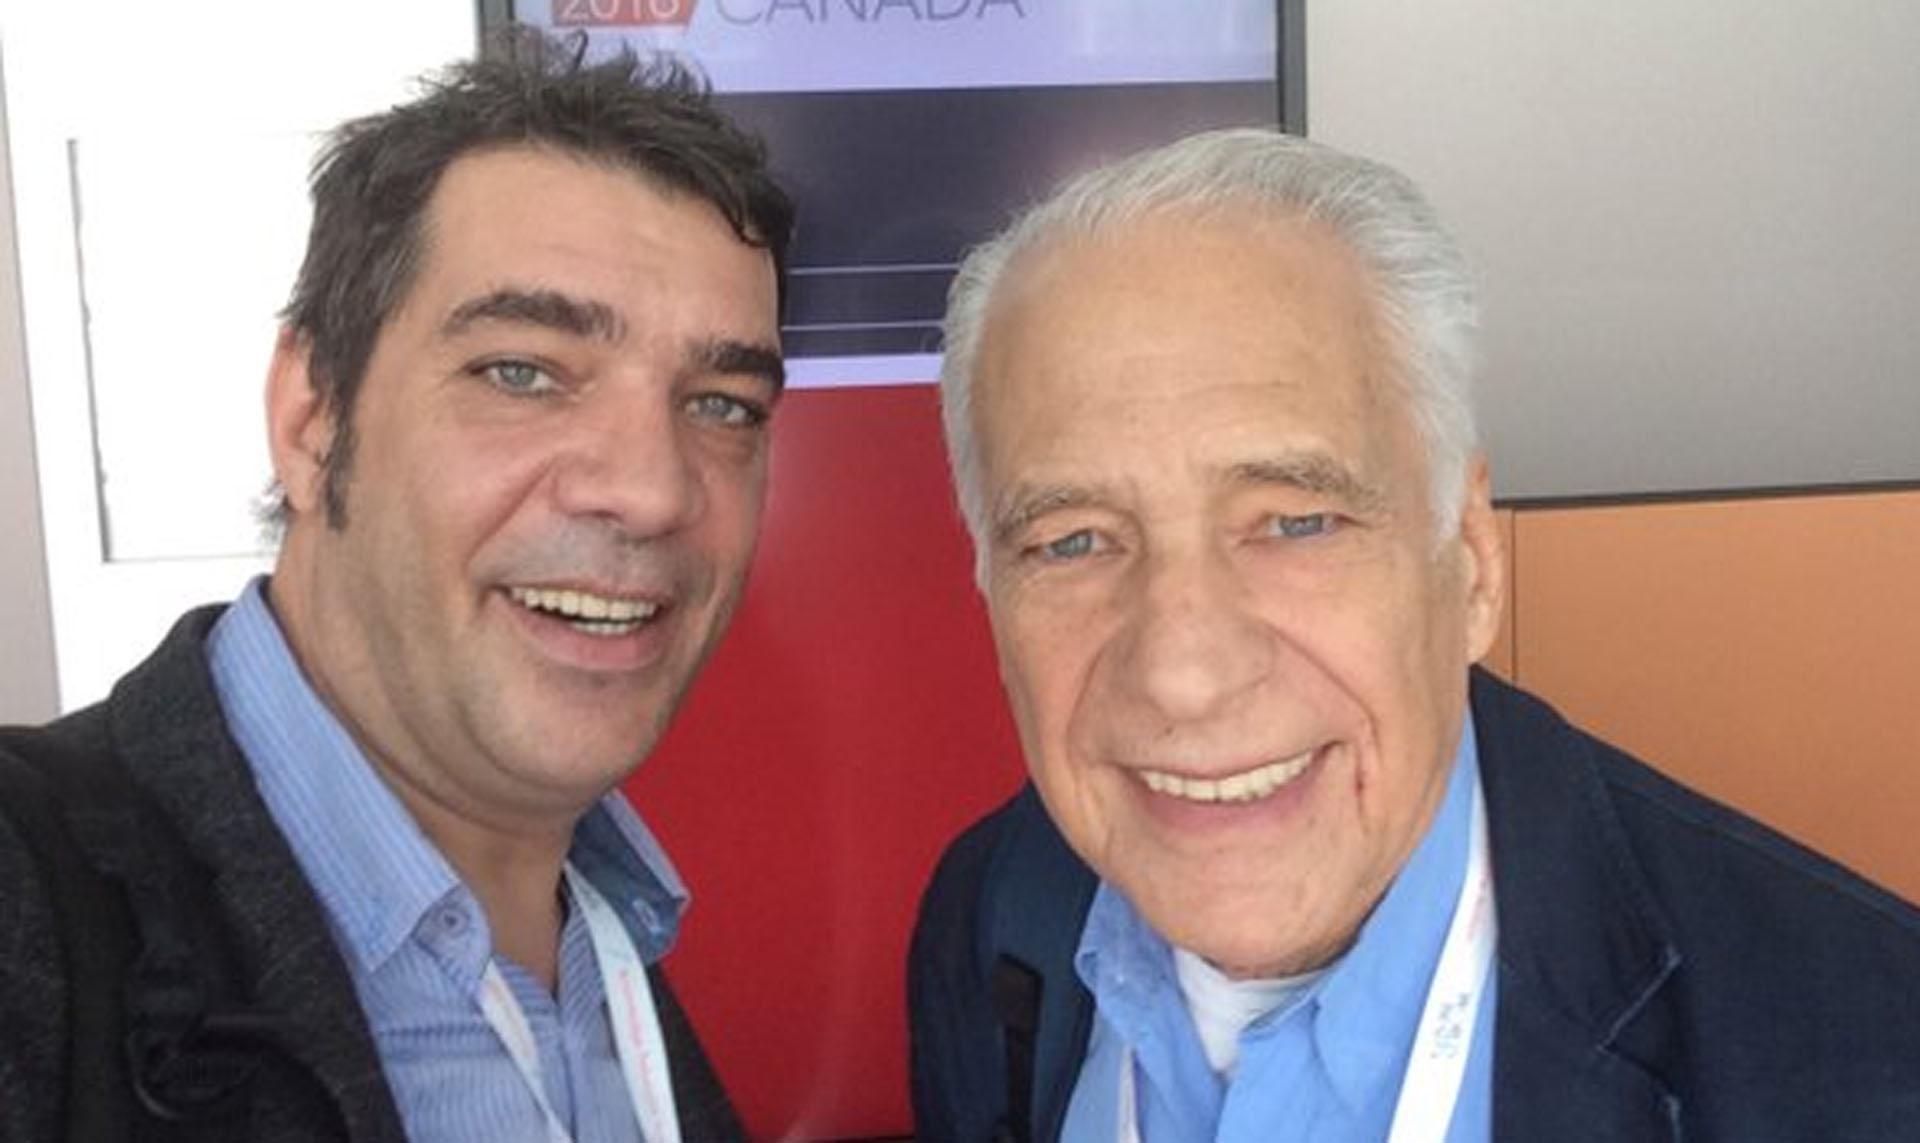 El doctor junto a su hijo Adrián, quien siguió su camino en la medicina y la comunicación